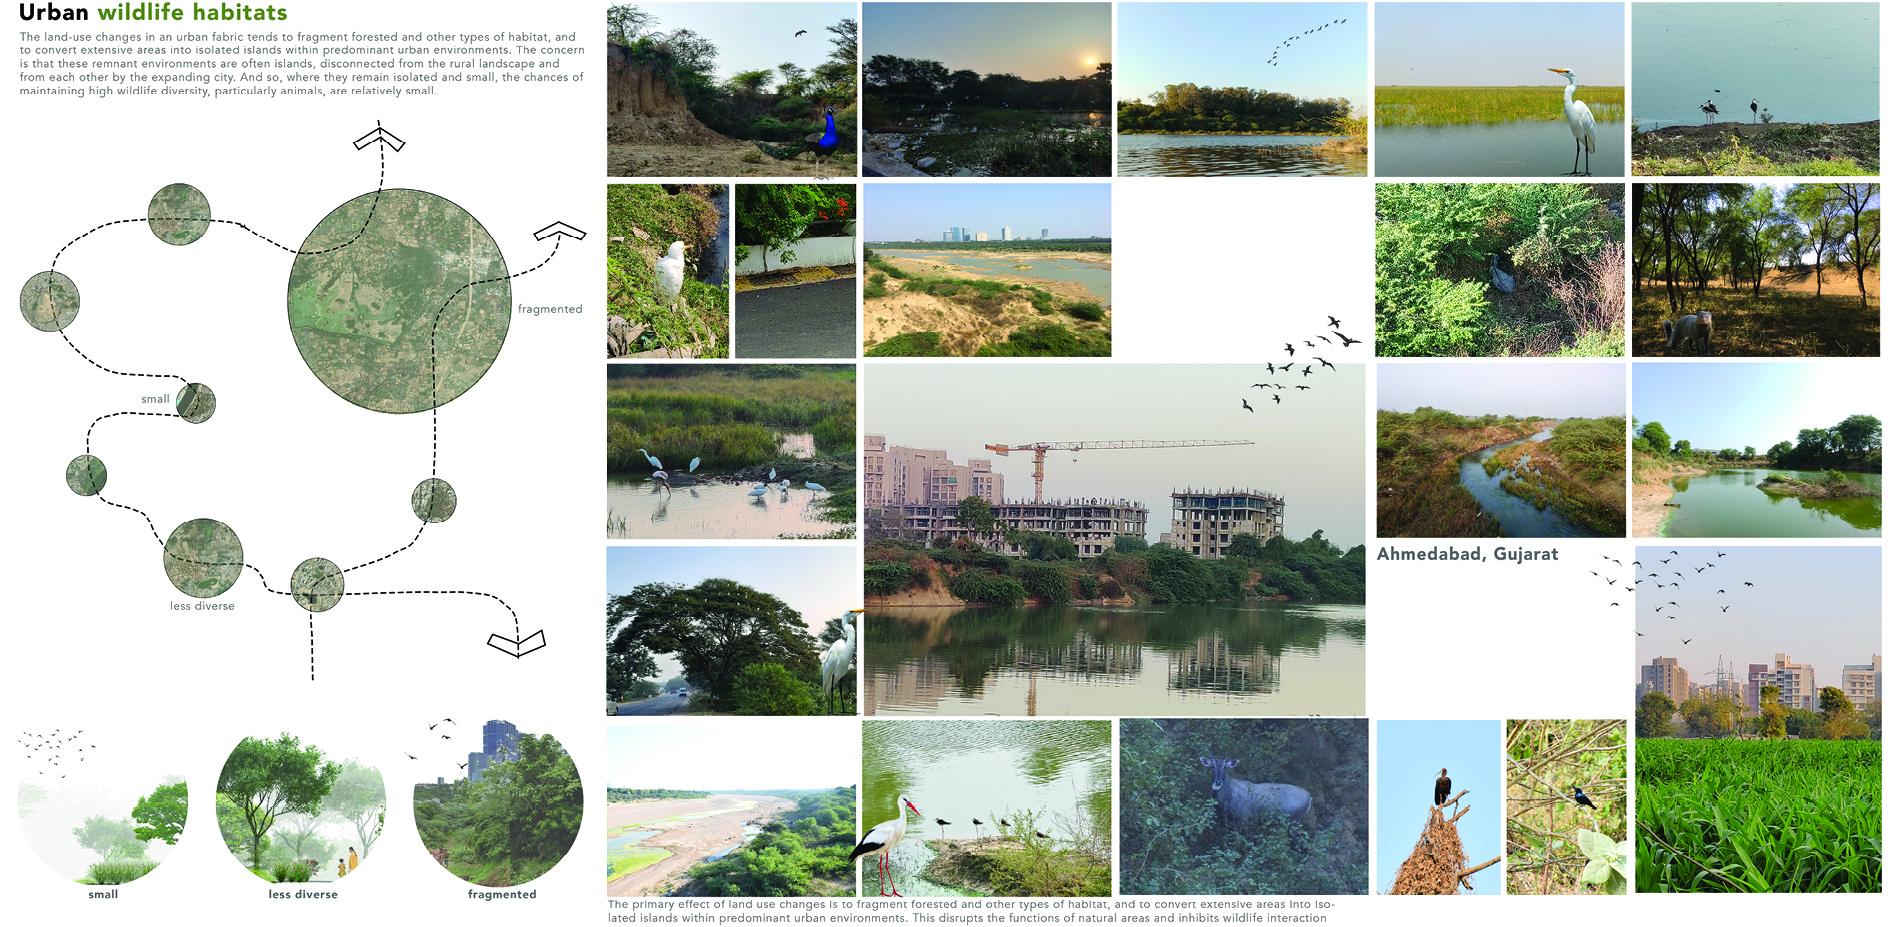 Urban wildlife habitats